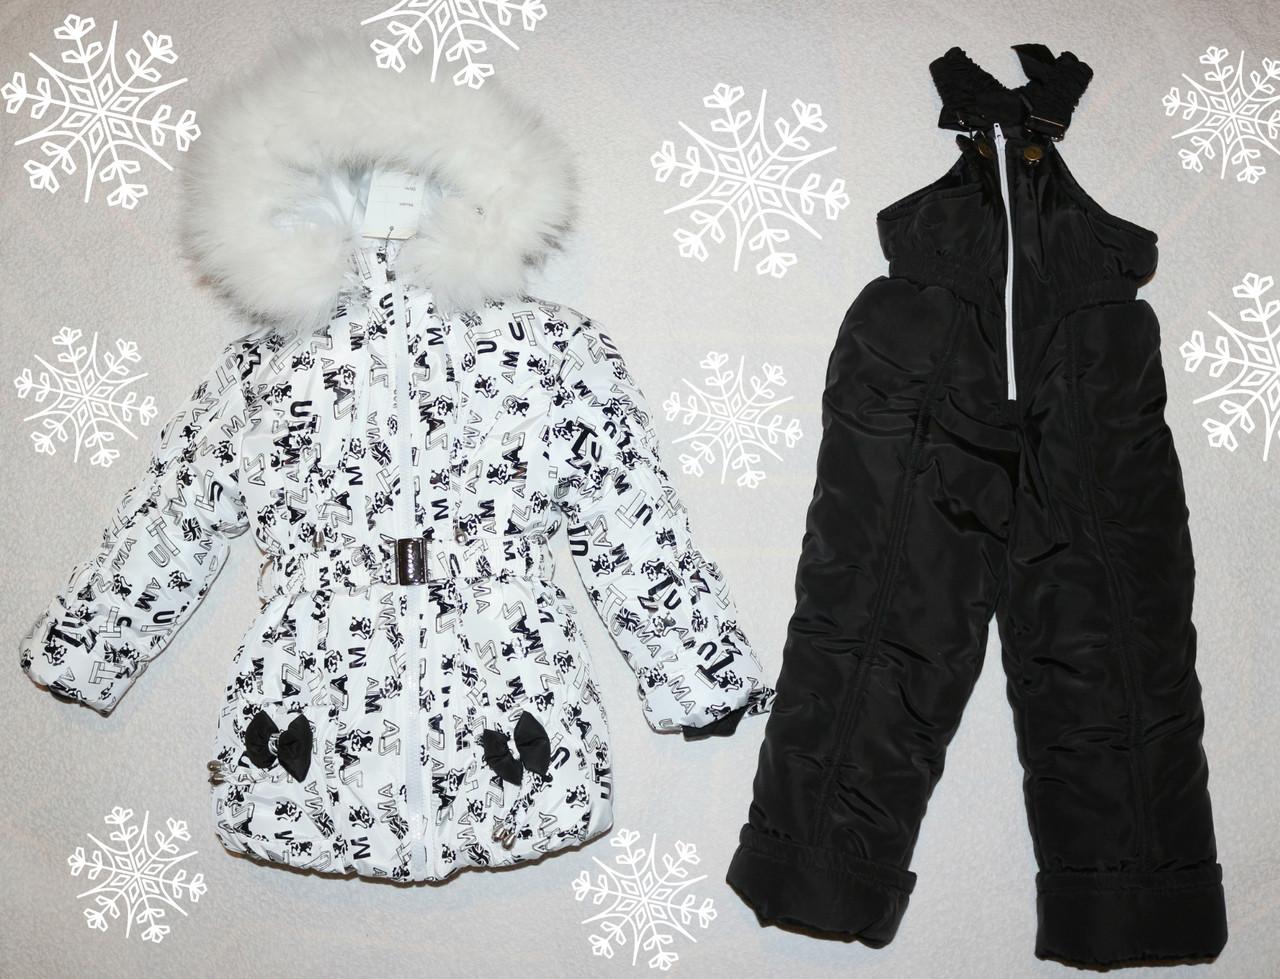 Зимний комбинезон +куртка на девочку 4-5лет натуральная опушка (писец-Белый альбинос)